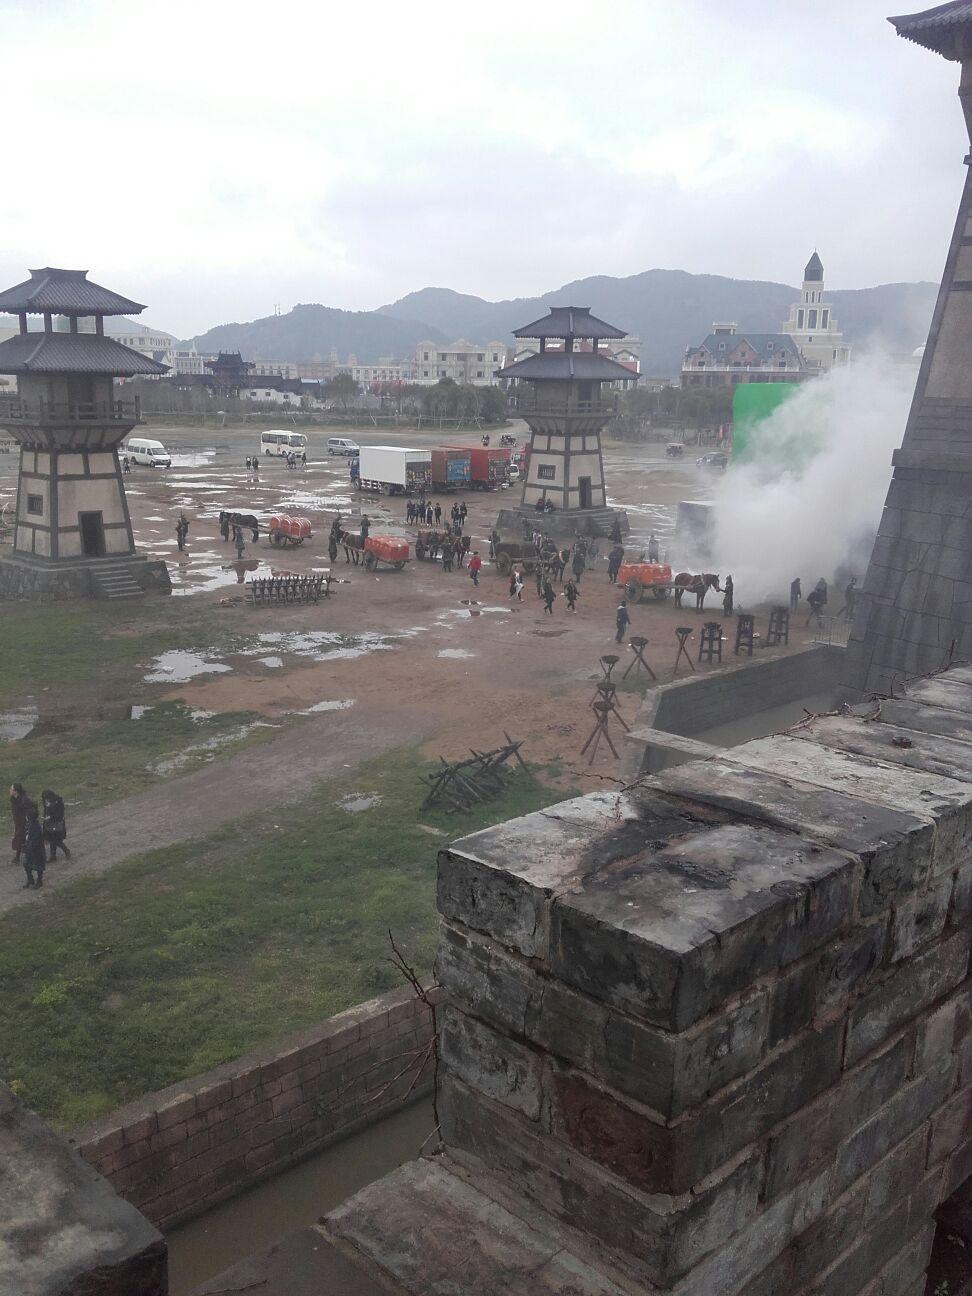 Filmdreharbeiten, von der Film-Chinesischen-Mauer aus fotografiert